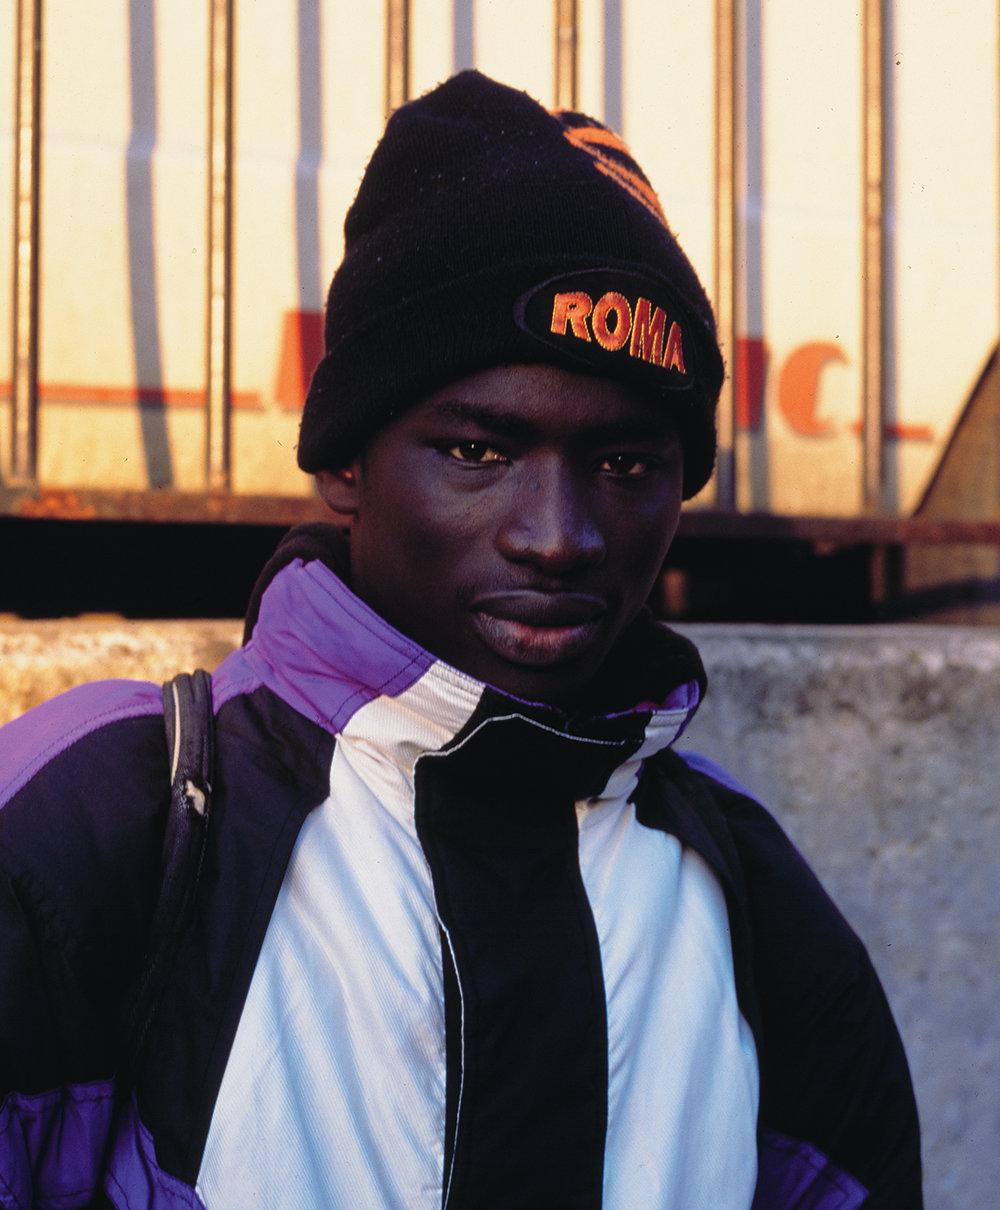 Senegalese+Man+in+Italy-1999.jpg